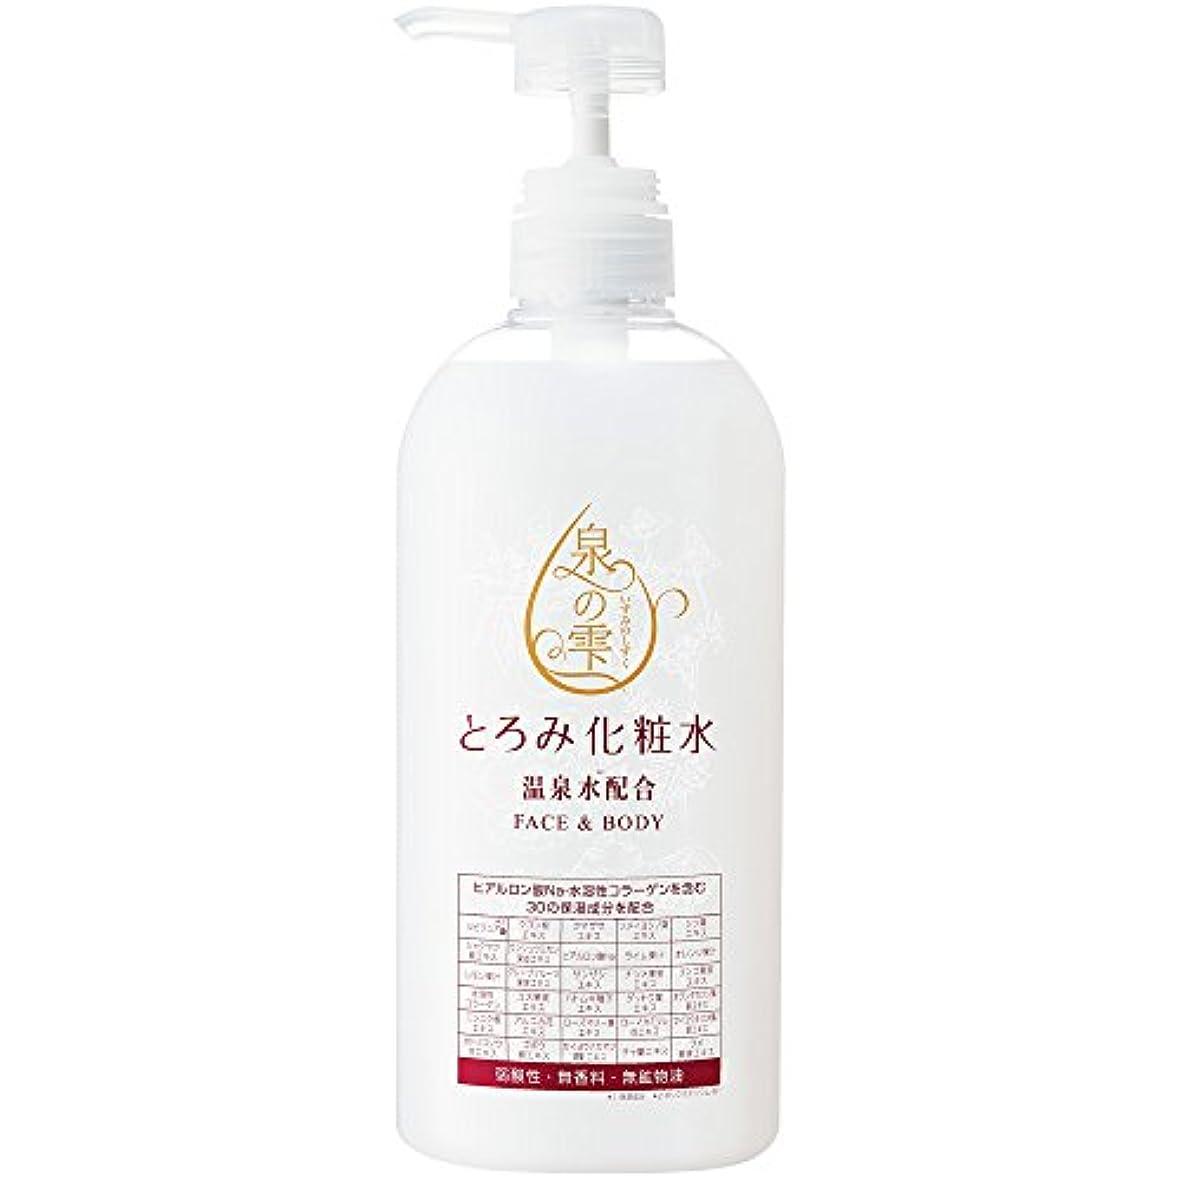 放棄するレディかご泉の雫(いずみのしずく)とろみ化粧水 700ml